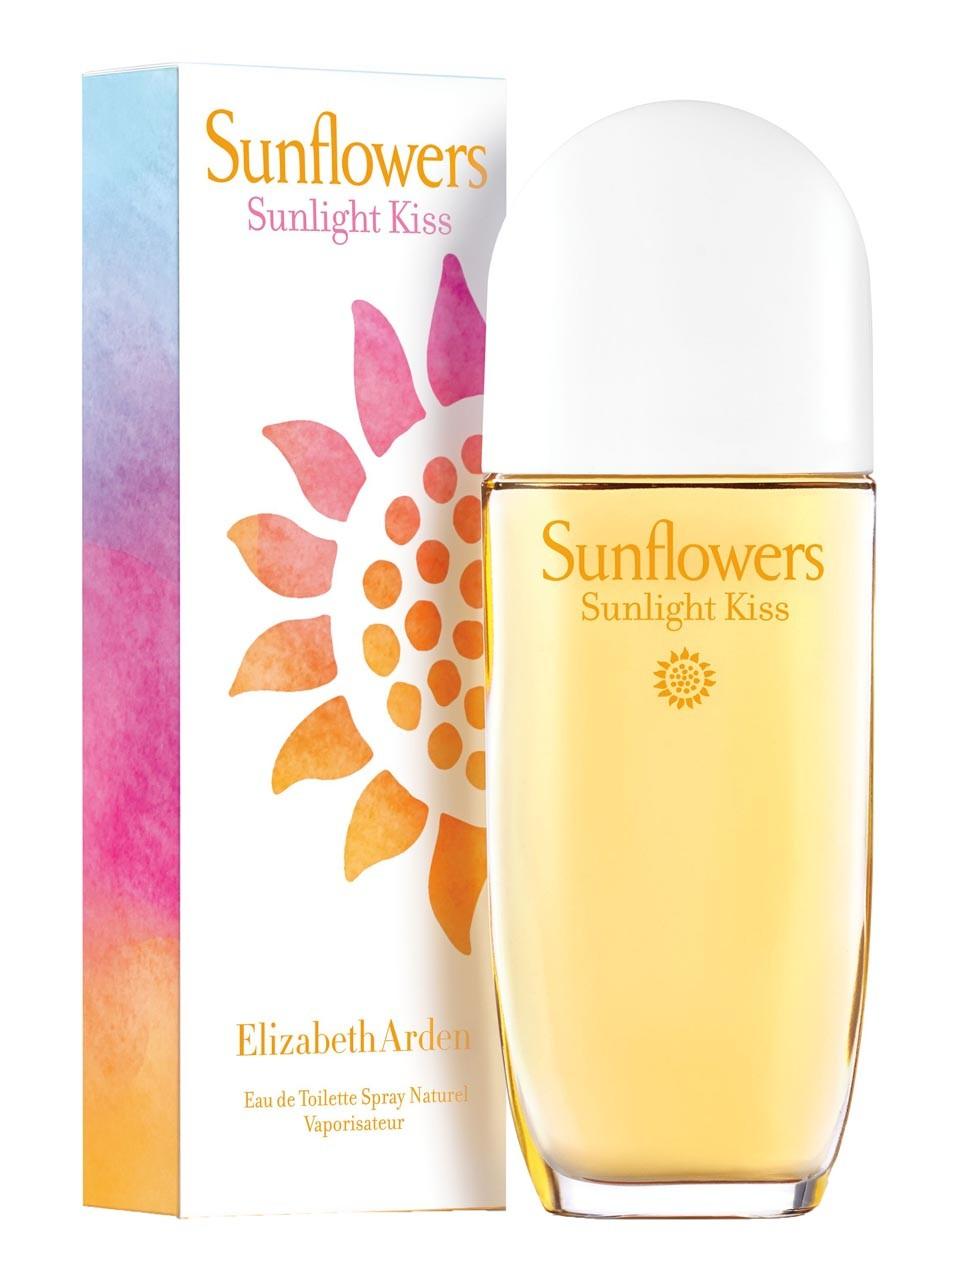 Sunflowers Sunlight Kiss